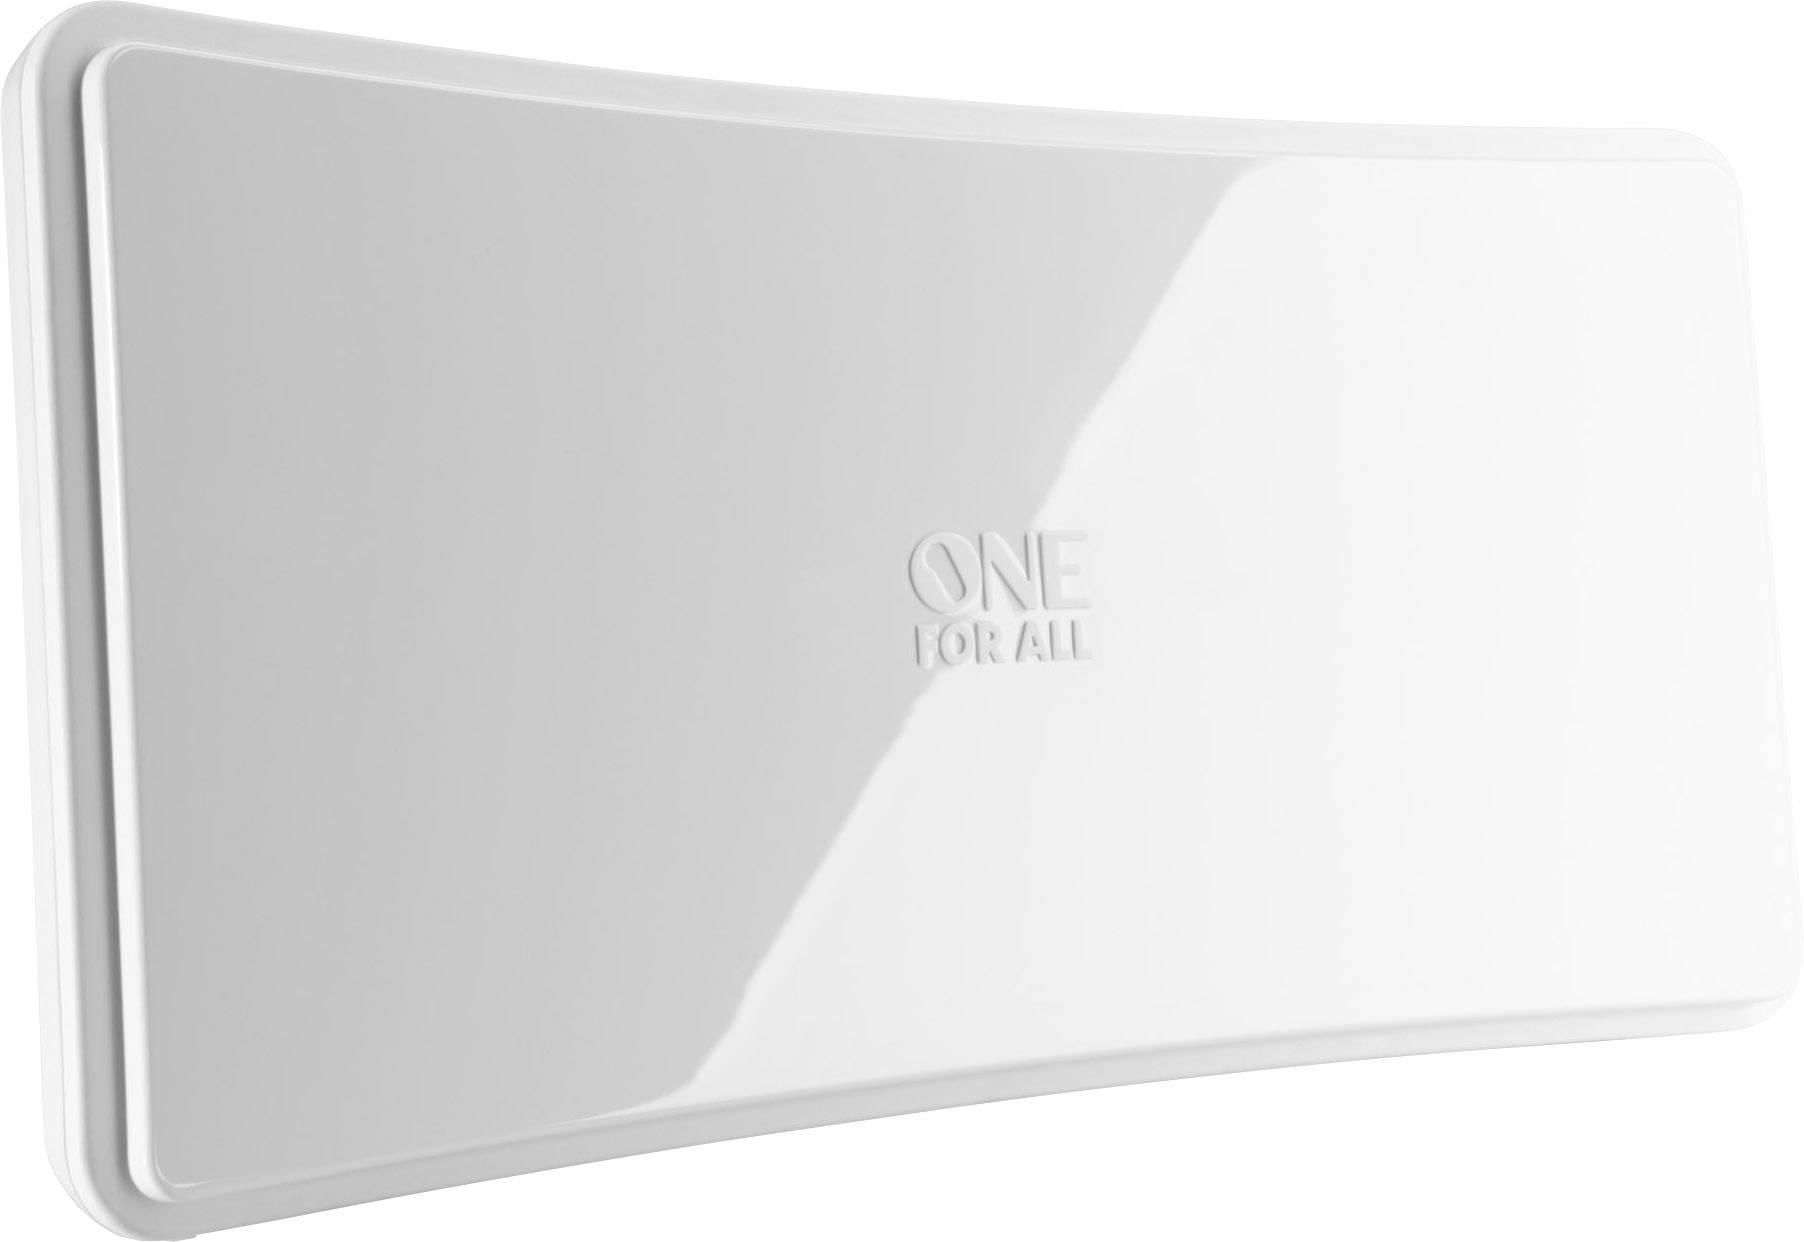 Aktivní plochá DVB-T/T2 anténa One For All Curved SV 9421, vnitřní, 42 dB, bílá